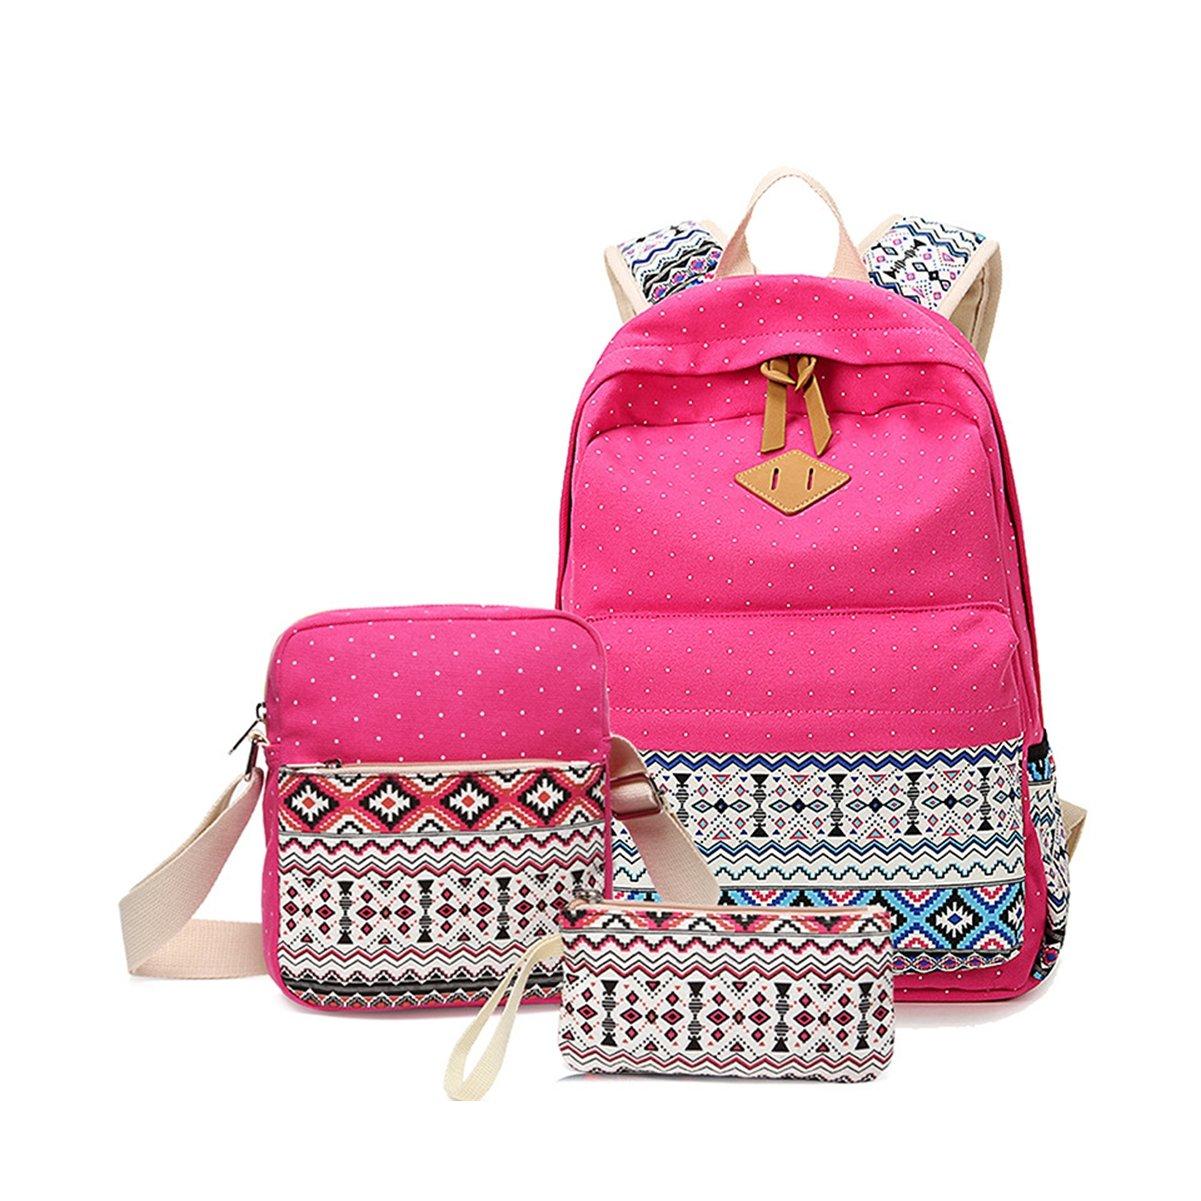 Zehui Casual Lightweight Canvas Wallet/Shoulder Bag/School Backpack Travel Bags Set Rose Red One Size